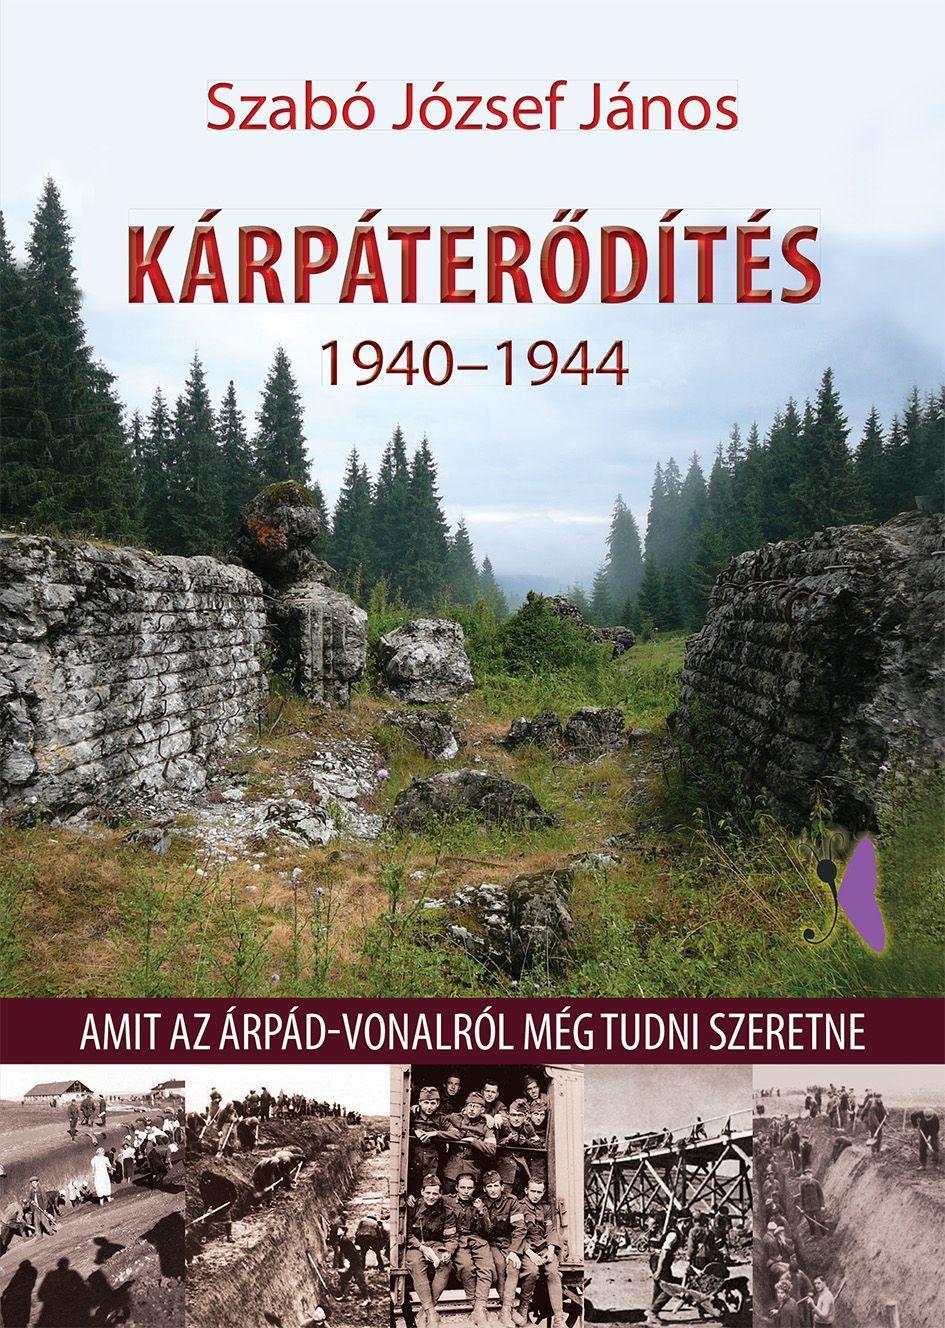 KÁRPÁTERÕDÍTÉS 1940-1944 - AMIT AZ ÁRPÁD-VONALRÓL MÉG TUDNI SZERETNE